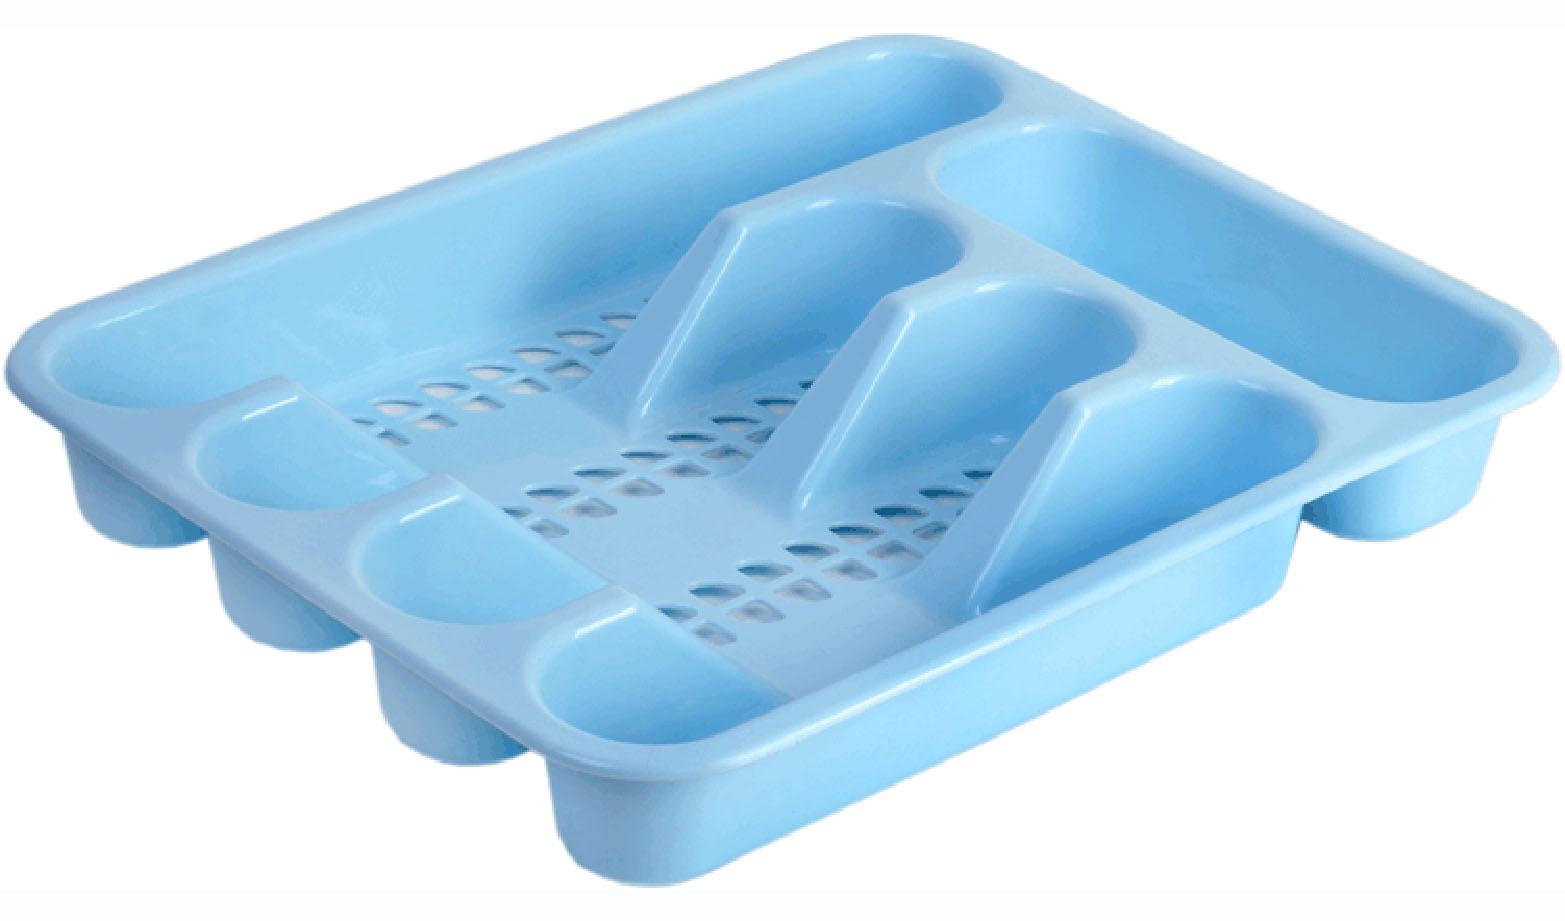 Лоток для столовых приборов Idea, цвет: голубой, 33 х 26 см. М1142М 1142Лоток для столовых приборов Idea изготовлен из прочного пластика. Изделие имеет 3 одинаковых секции для столовых ложек, вилок и ножей, секцию для чайных ложек и длинную секцию для различных кухонных принадлежностей. Лоток помещается в любой кухонный ящик.